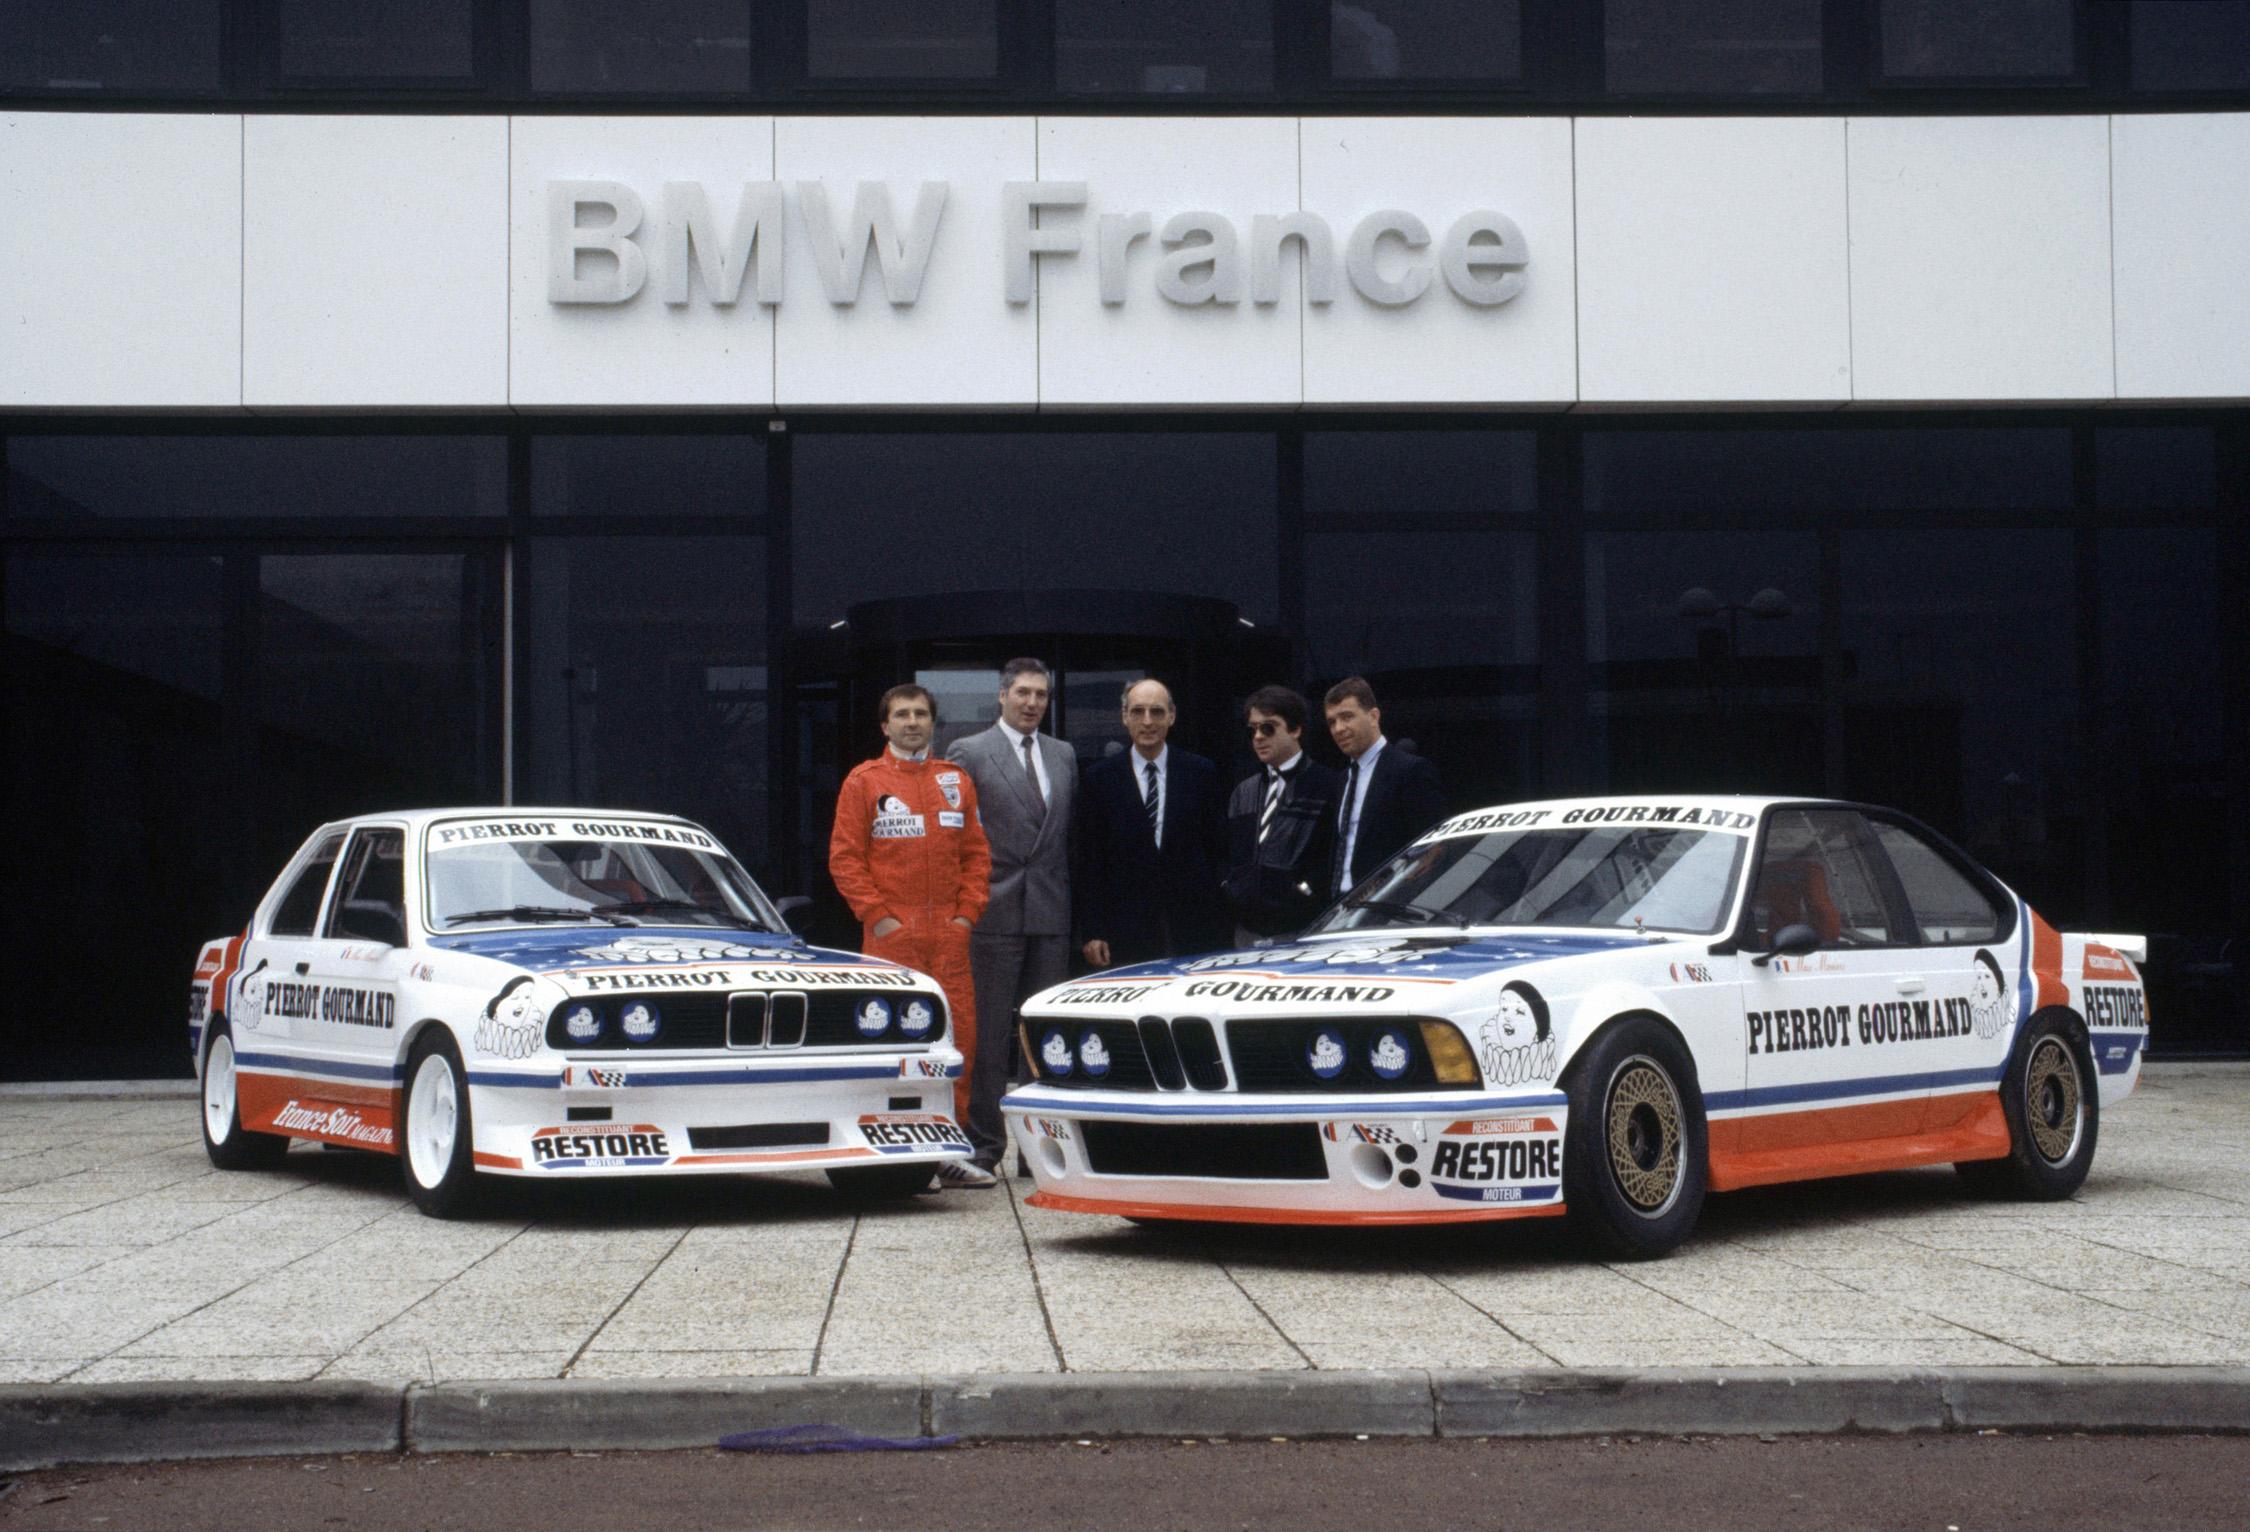 Présentation officielle des 2 BMW de Max Mamers (325 IX et 635) - 1986